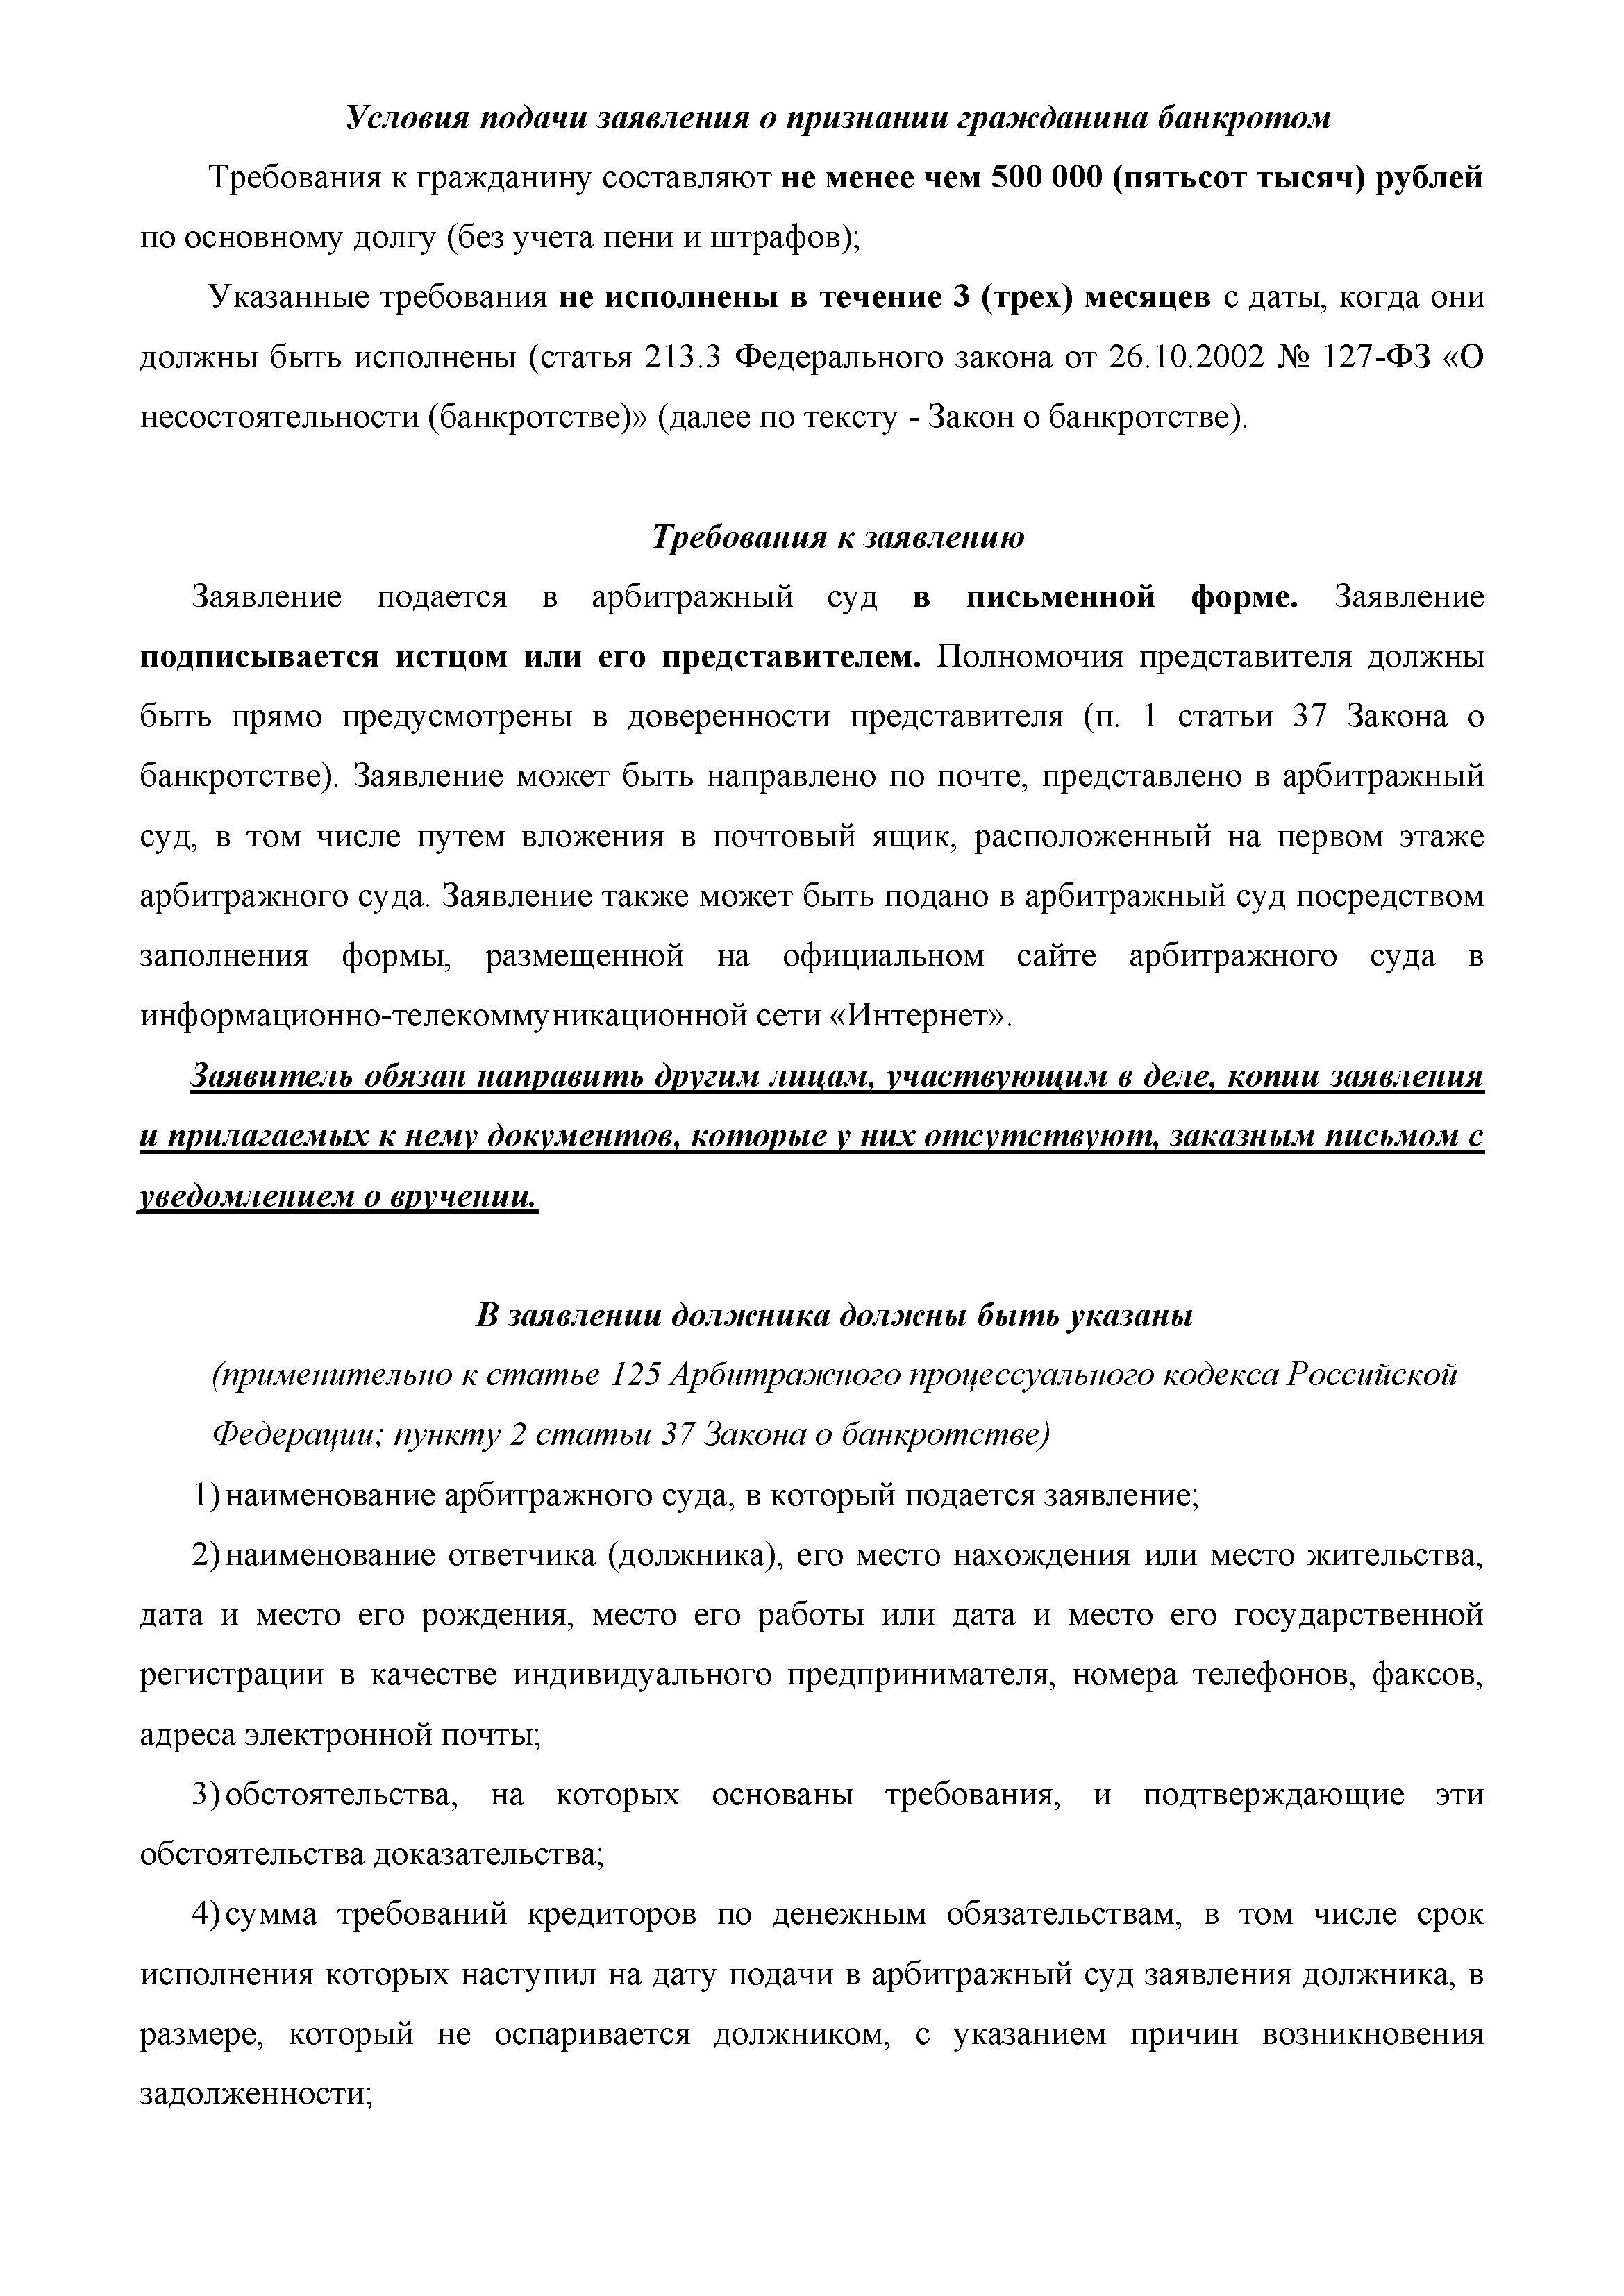 банкротство физических лиц арбитражный суд сайт